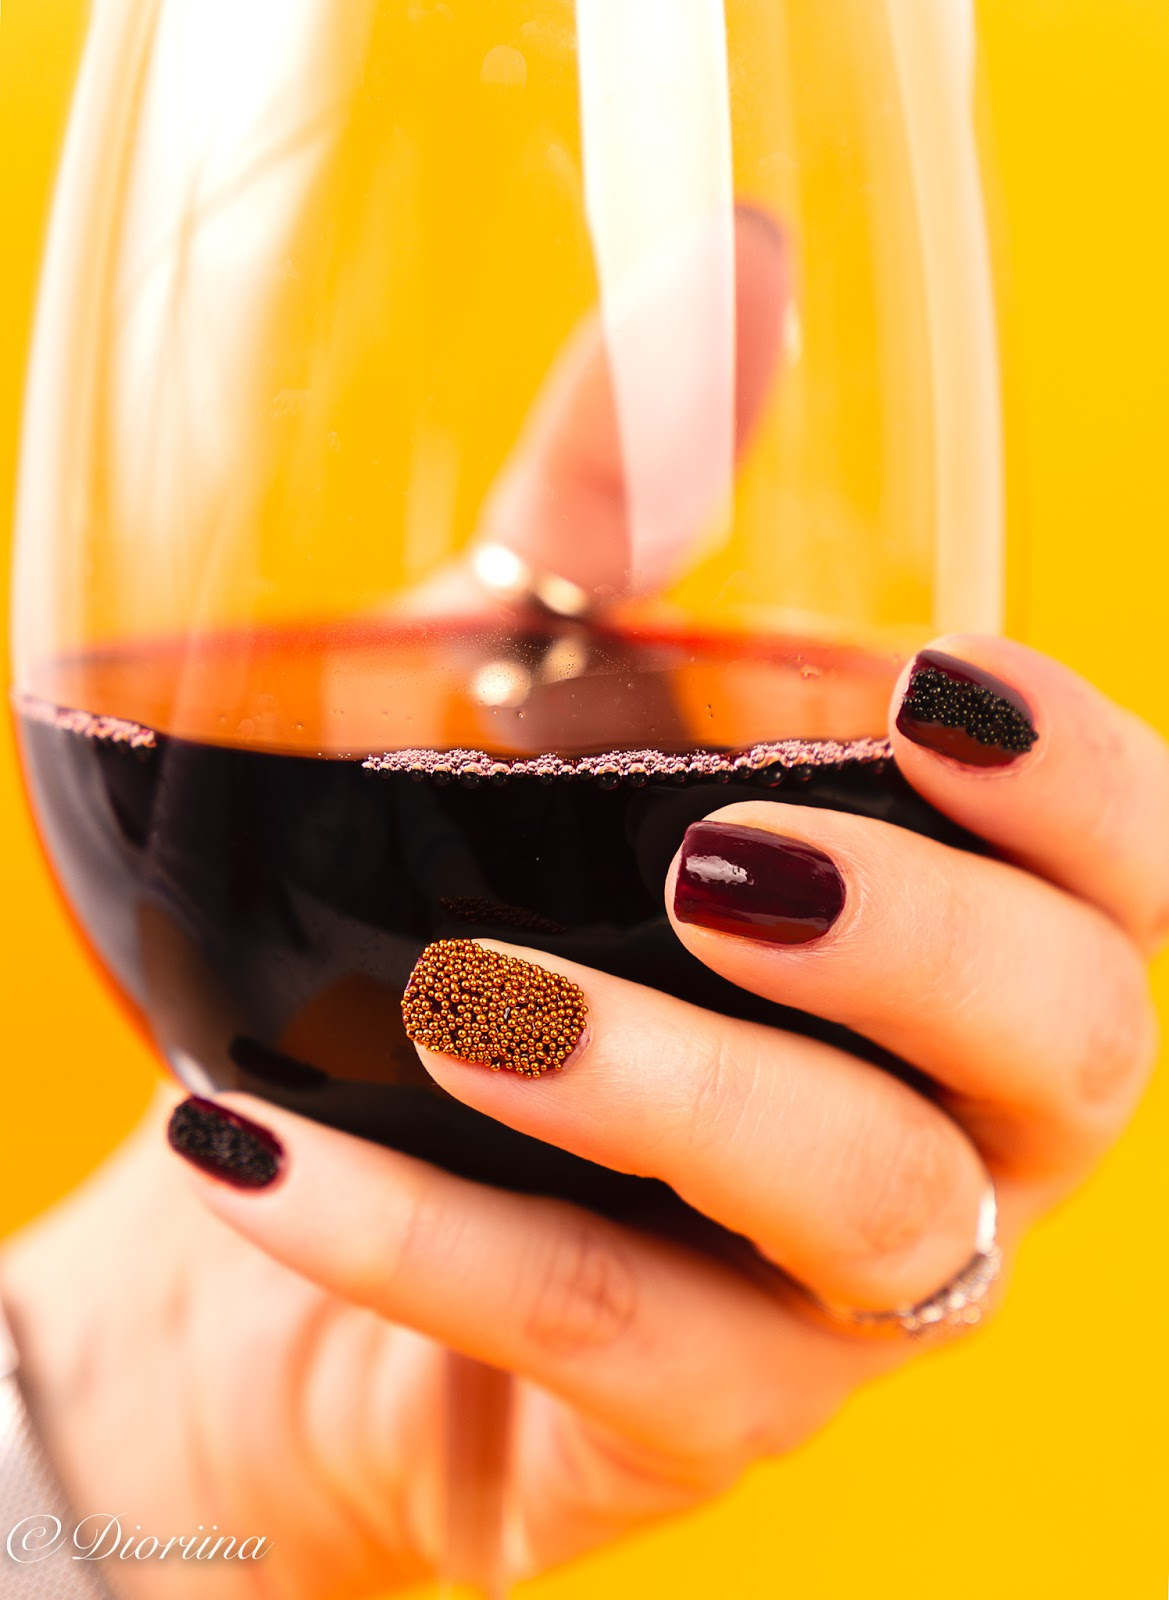 Viikonlopun kunniaksi lasi punaviiniä